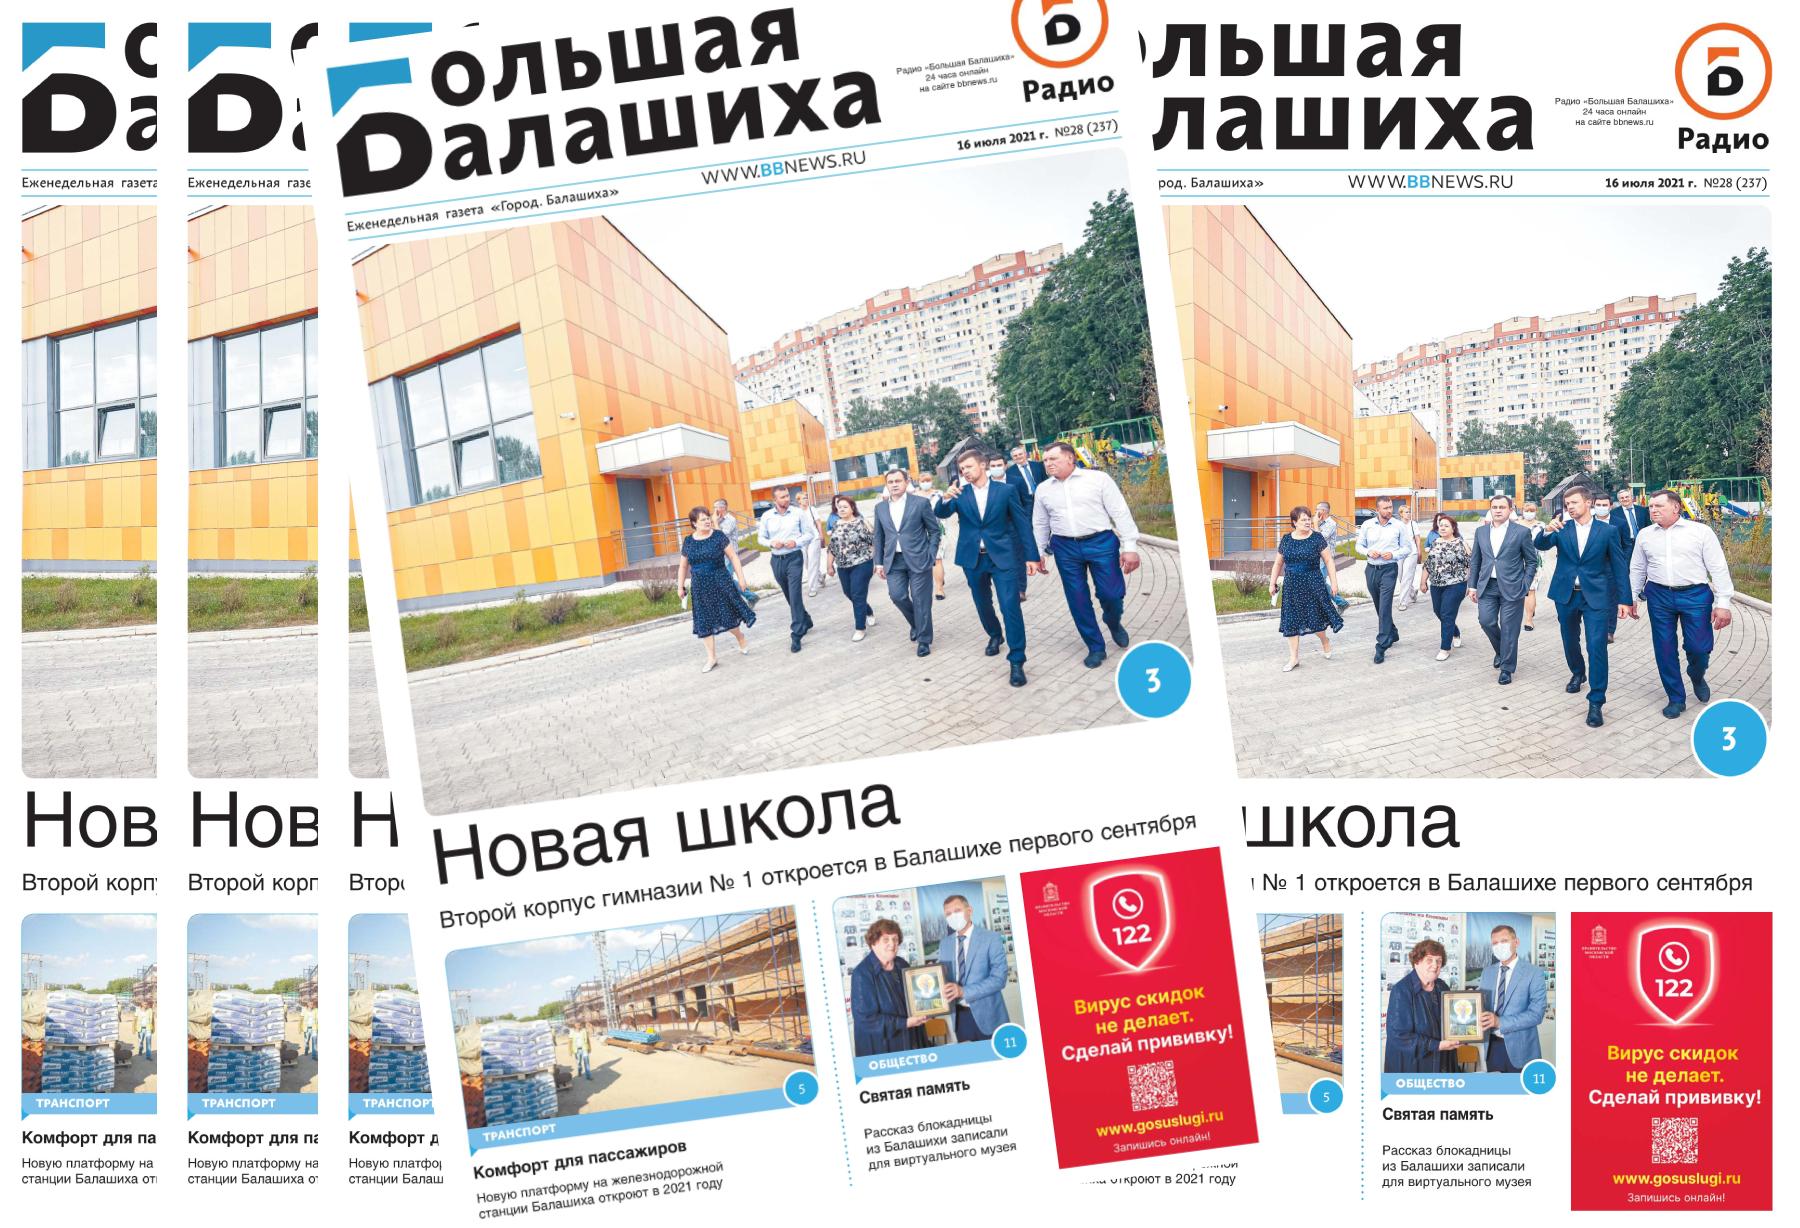 Вышла газета «Город Балашиха» №28 (237)